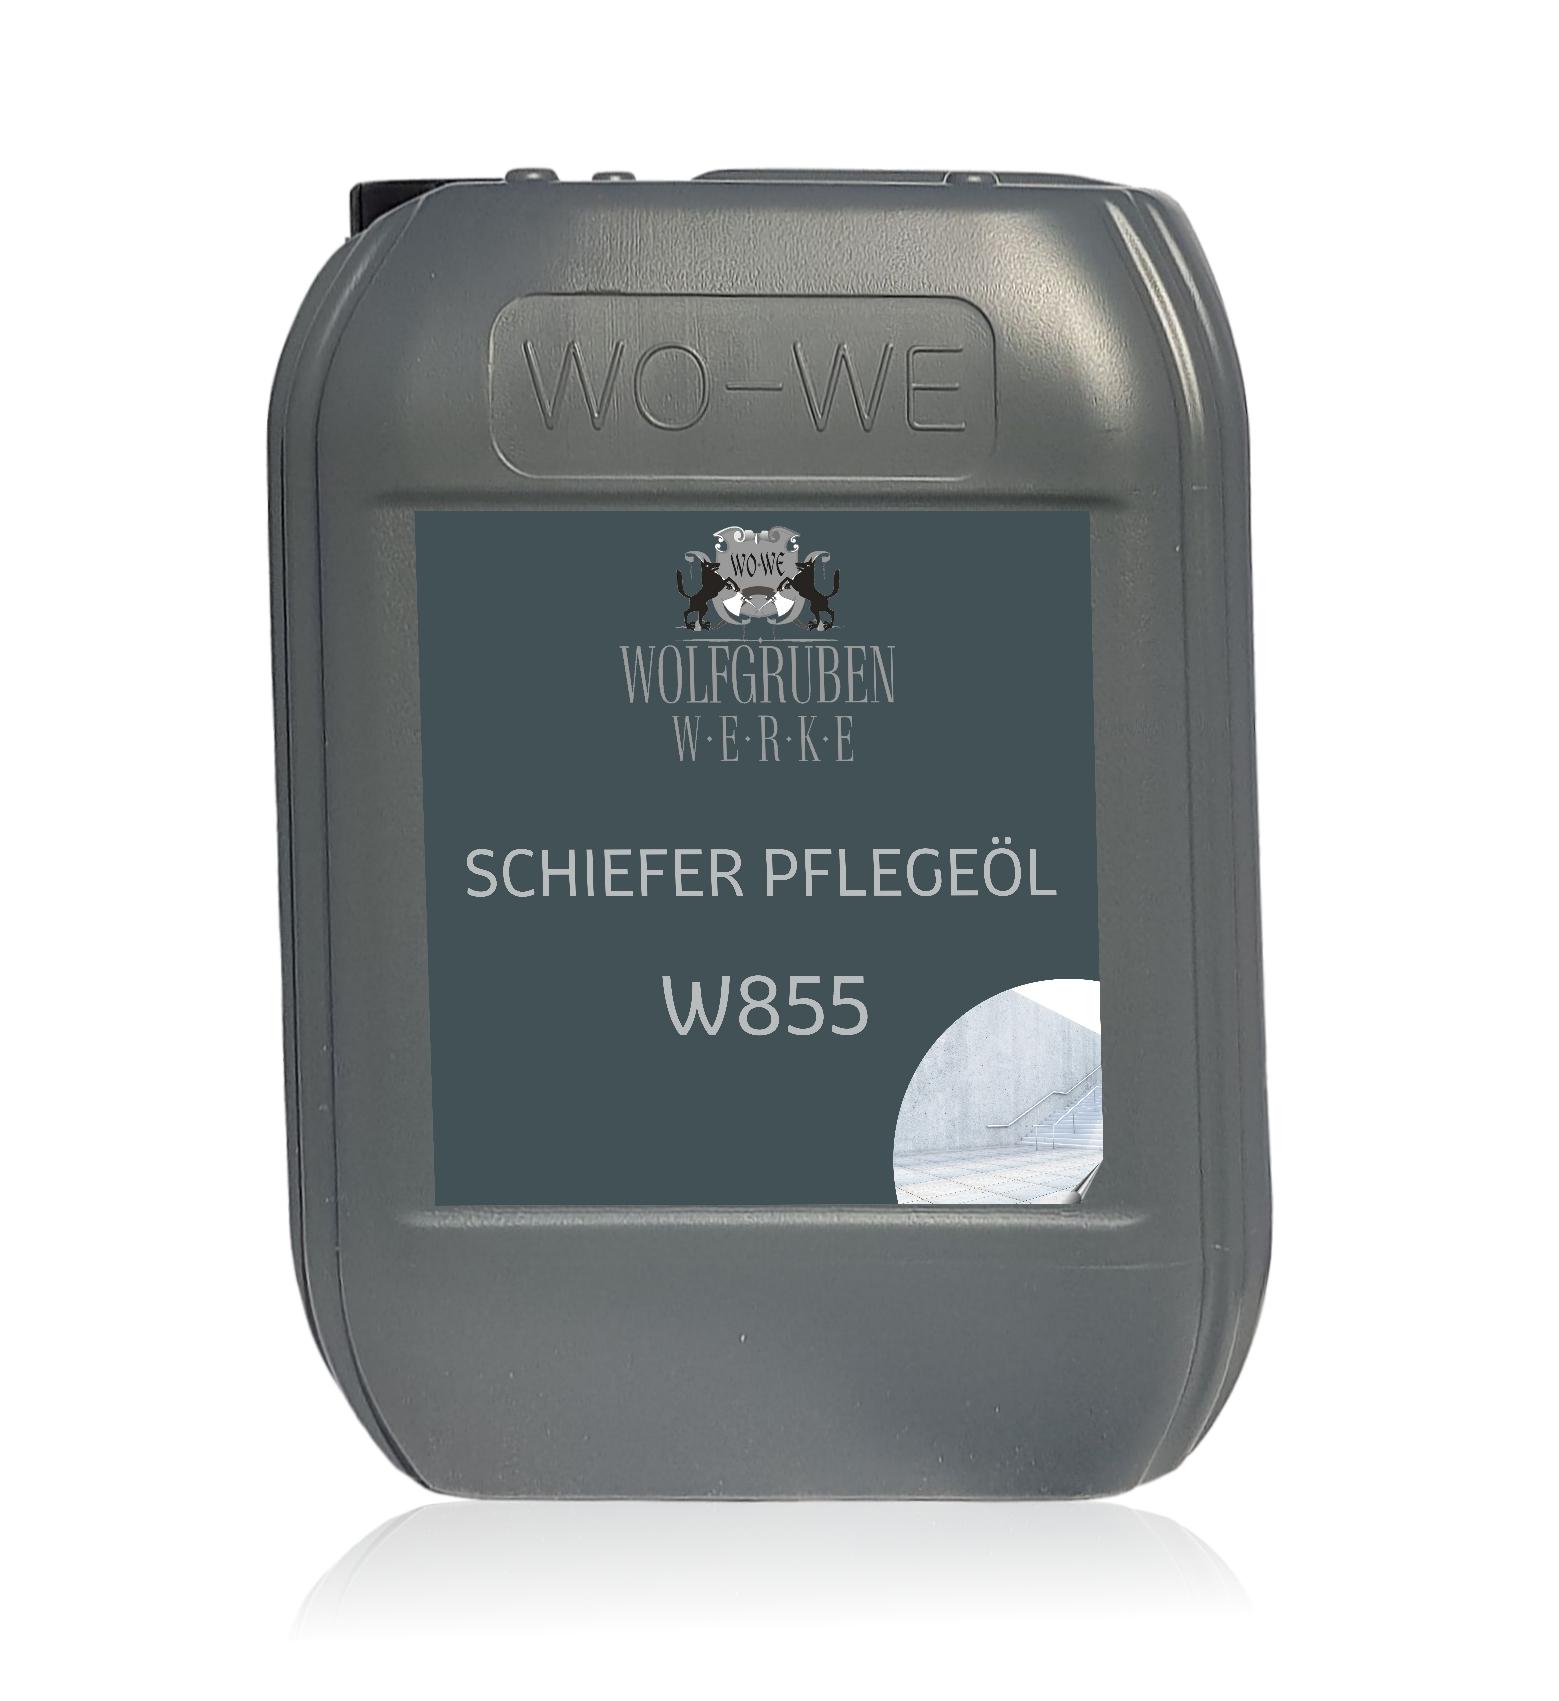 W855.jpg?dl=0